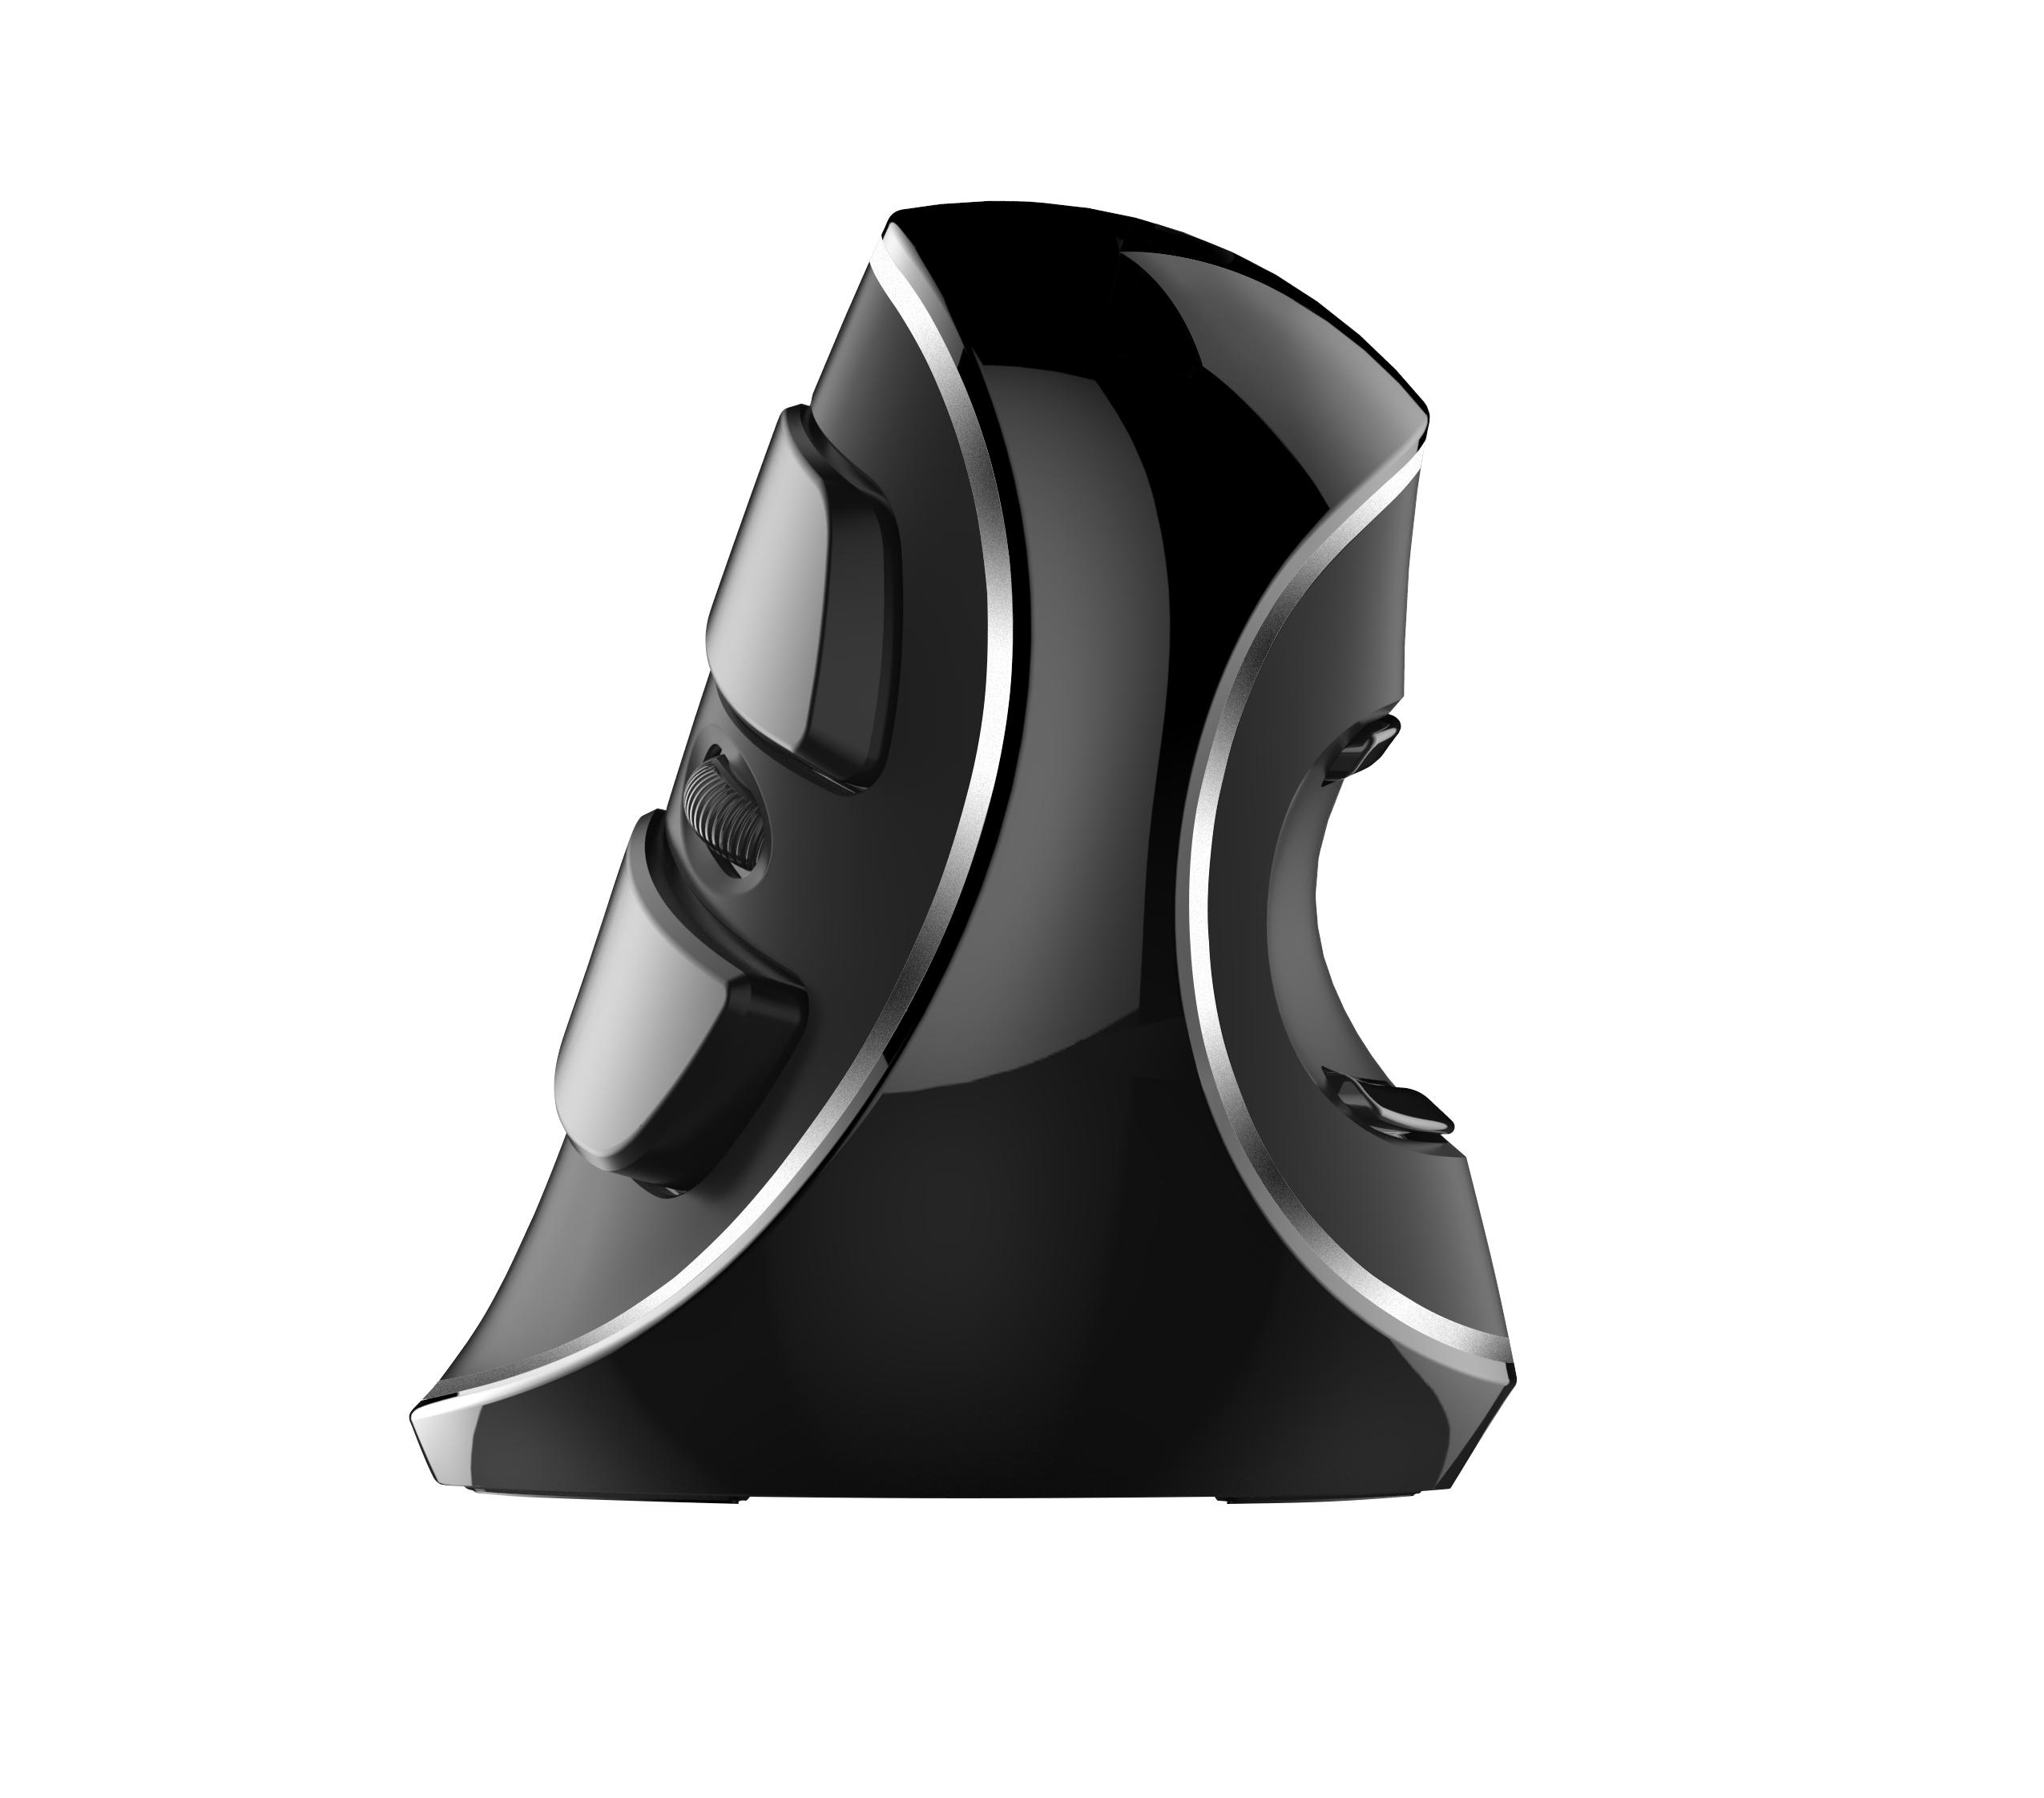 Spire CG-DLM618PL-2.4G - Linkshändig - Vertikale Ausführung - Optisch - RF Wireless - 1600 DPI - Schwarz